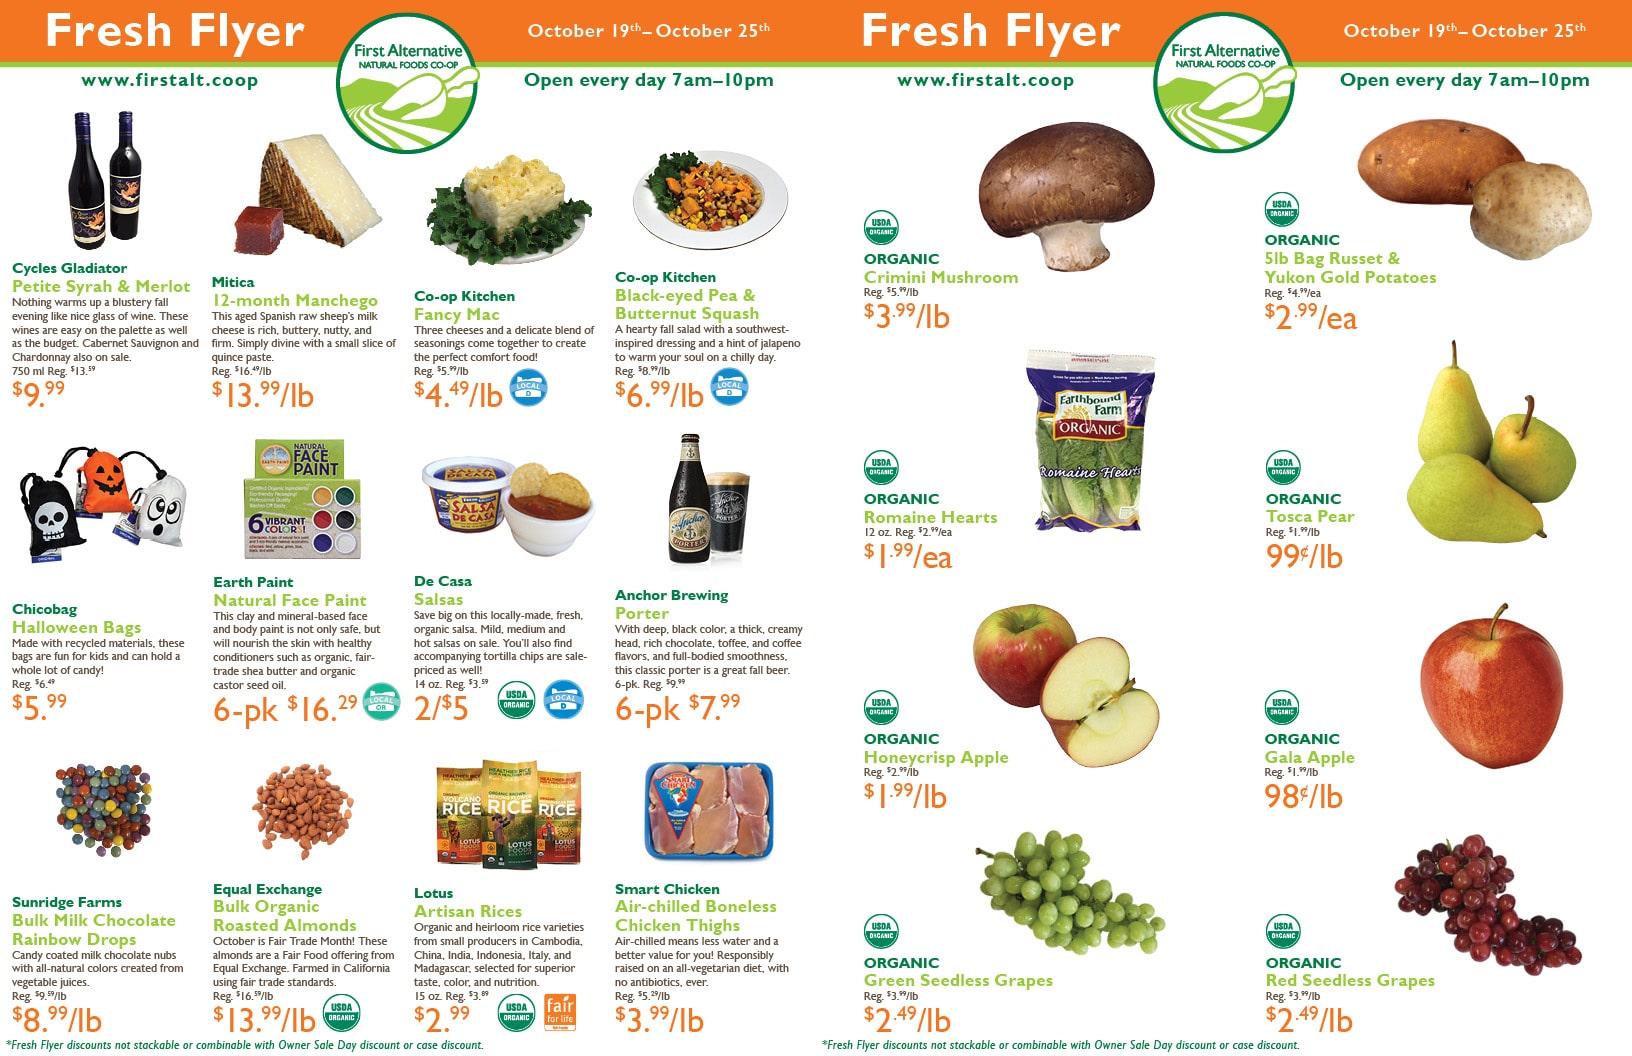 First Alternative Co-op Fresh Flyer October 19-25